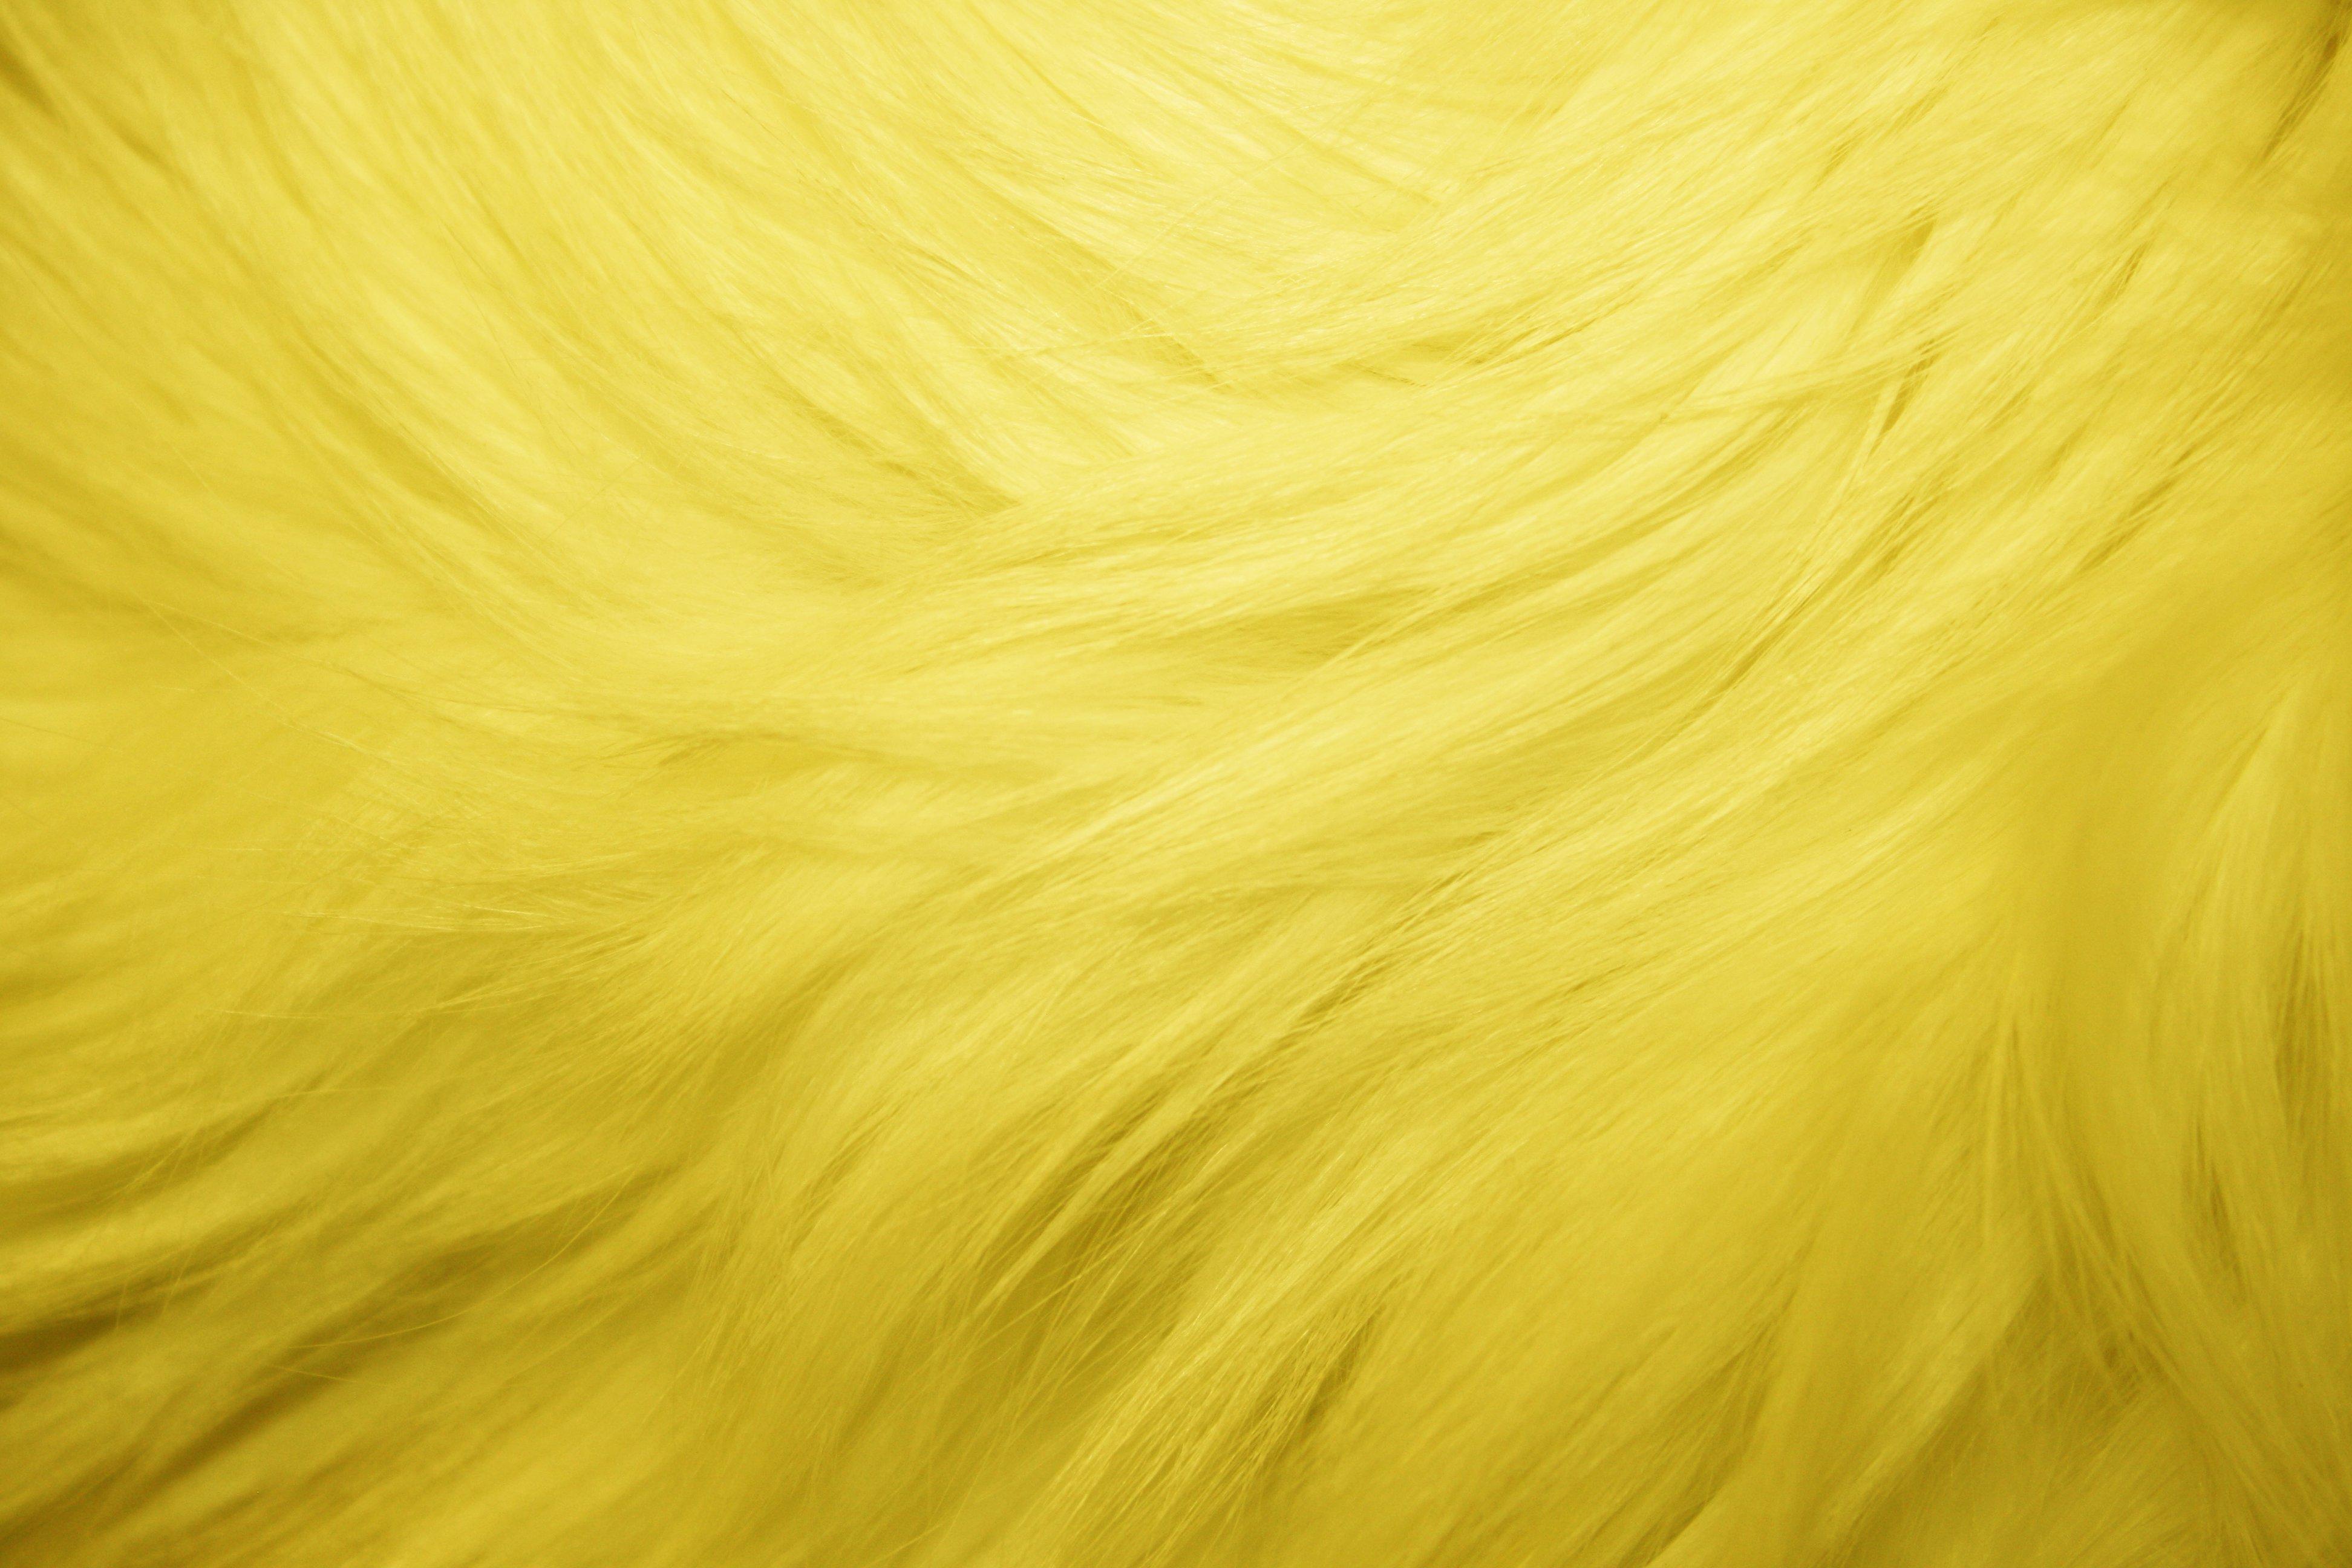 Yellow Wallpaper Online Wallpapersafari